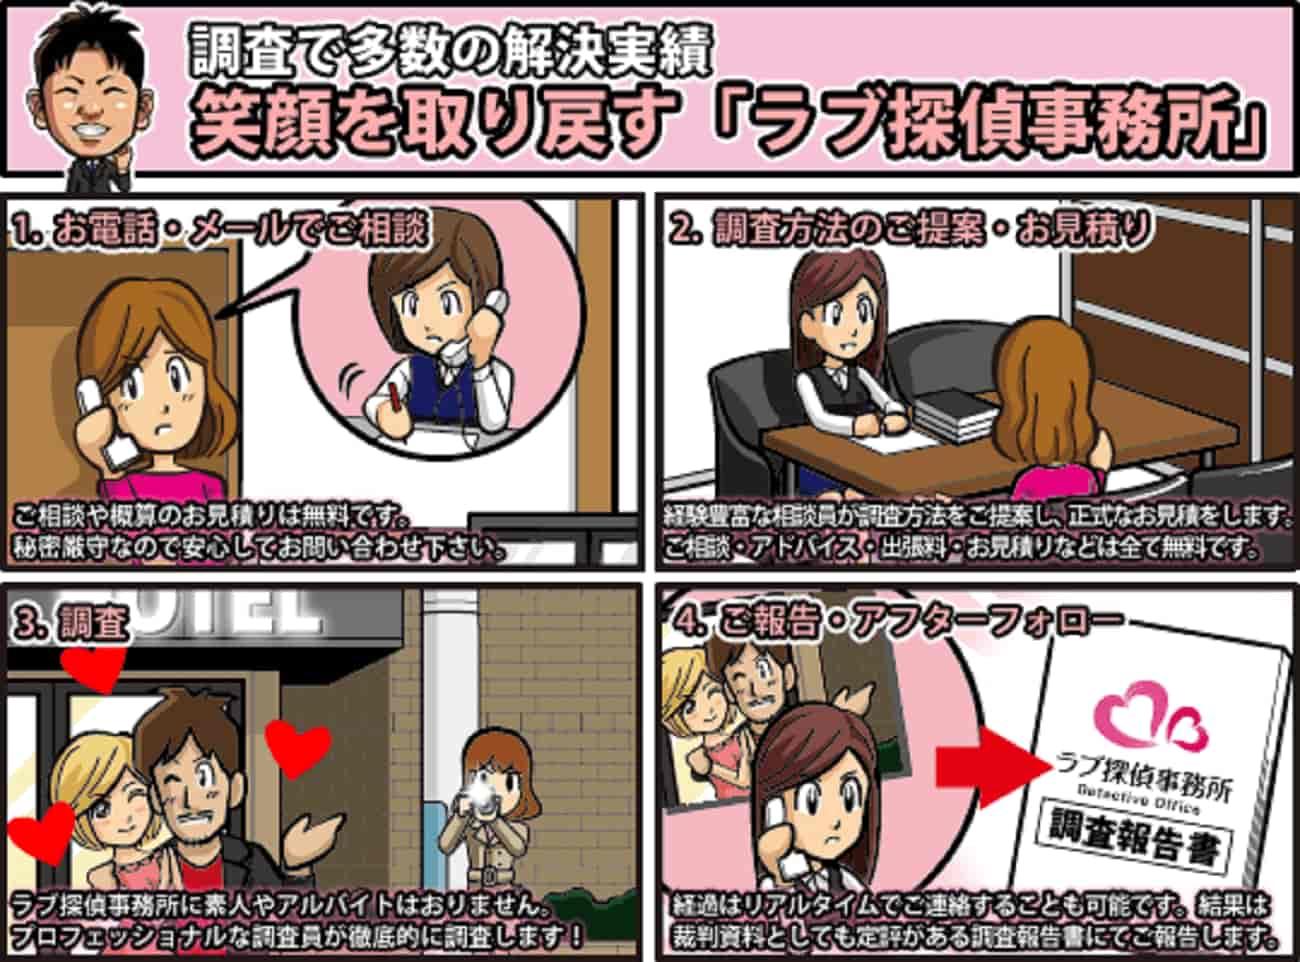 ラブ探偵事務所は埼玉県草加市の相談お見積り無料